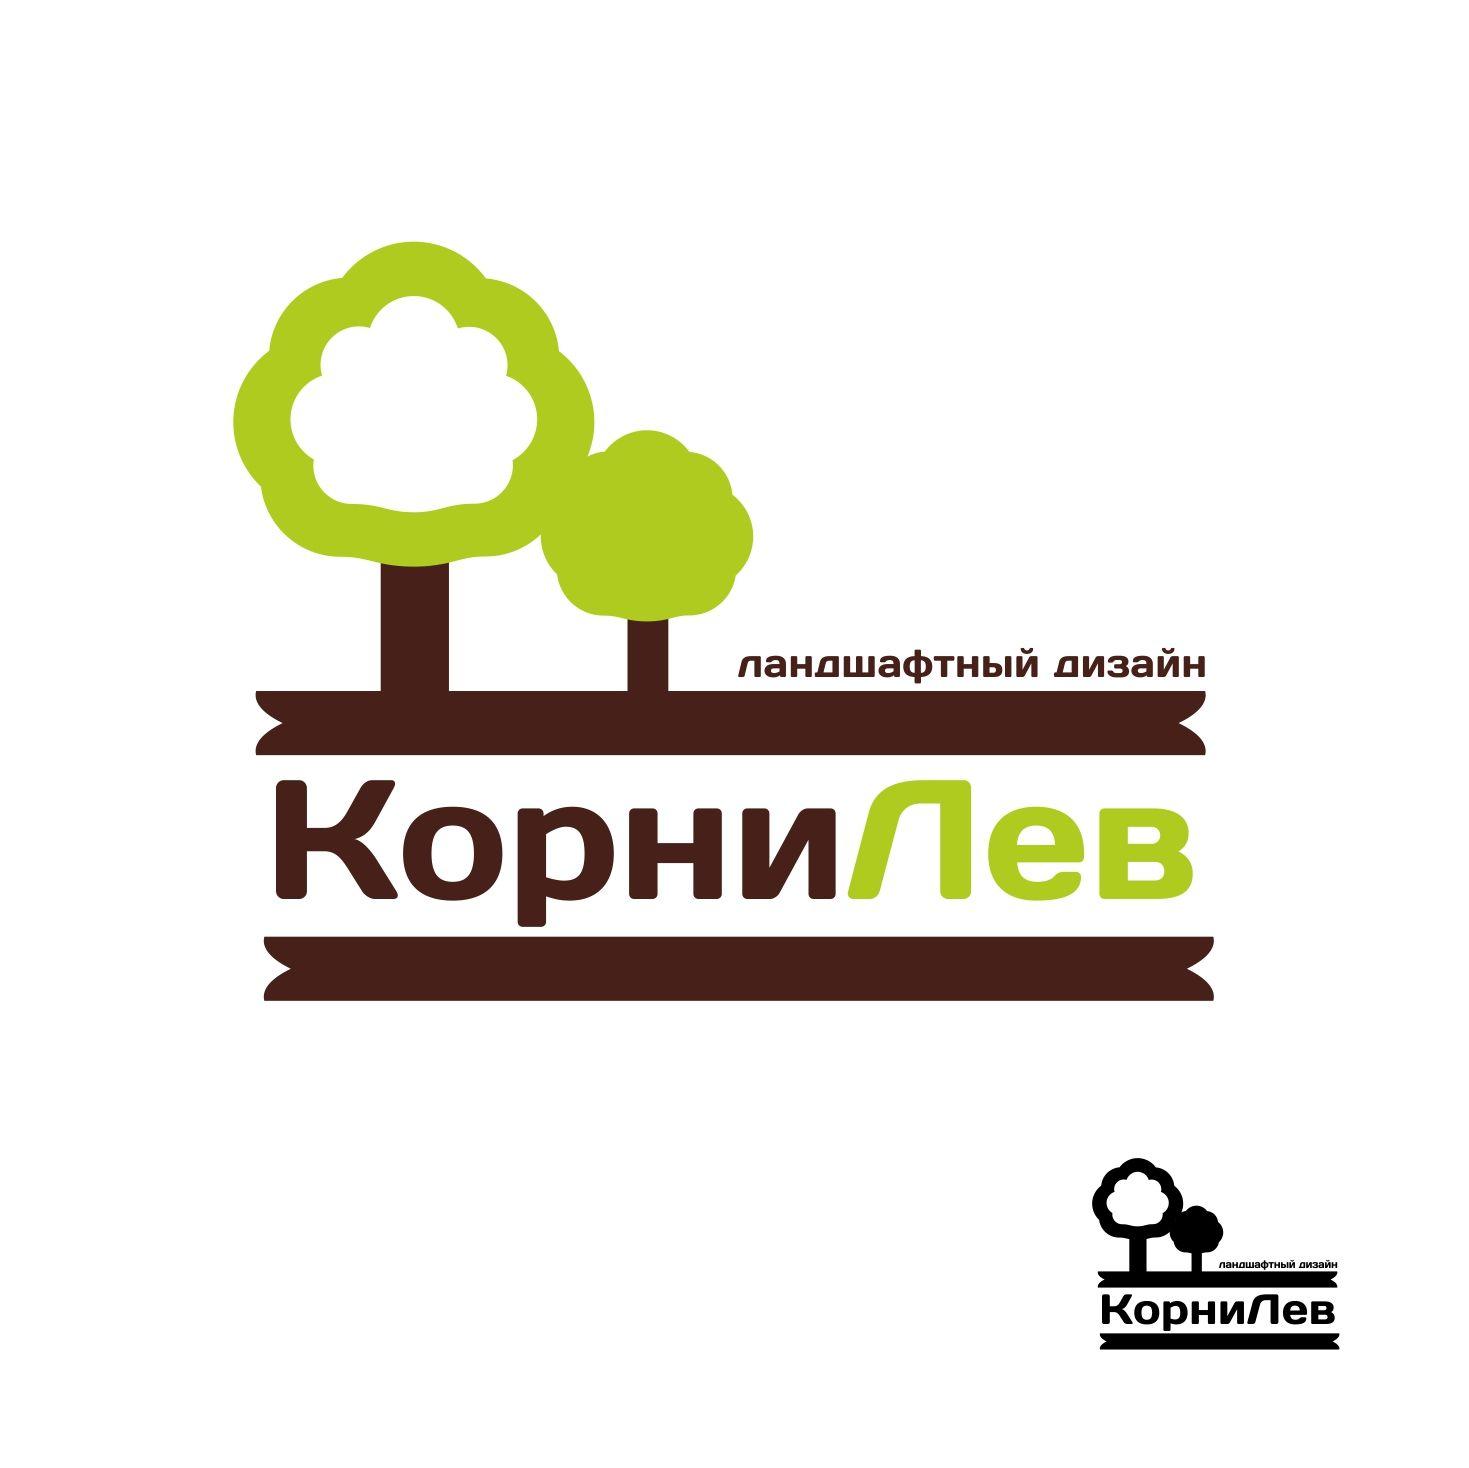 Логотип для компании КорниЛев - дизайнер logo_julia